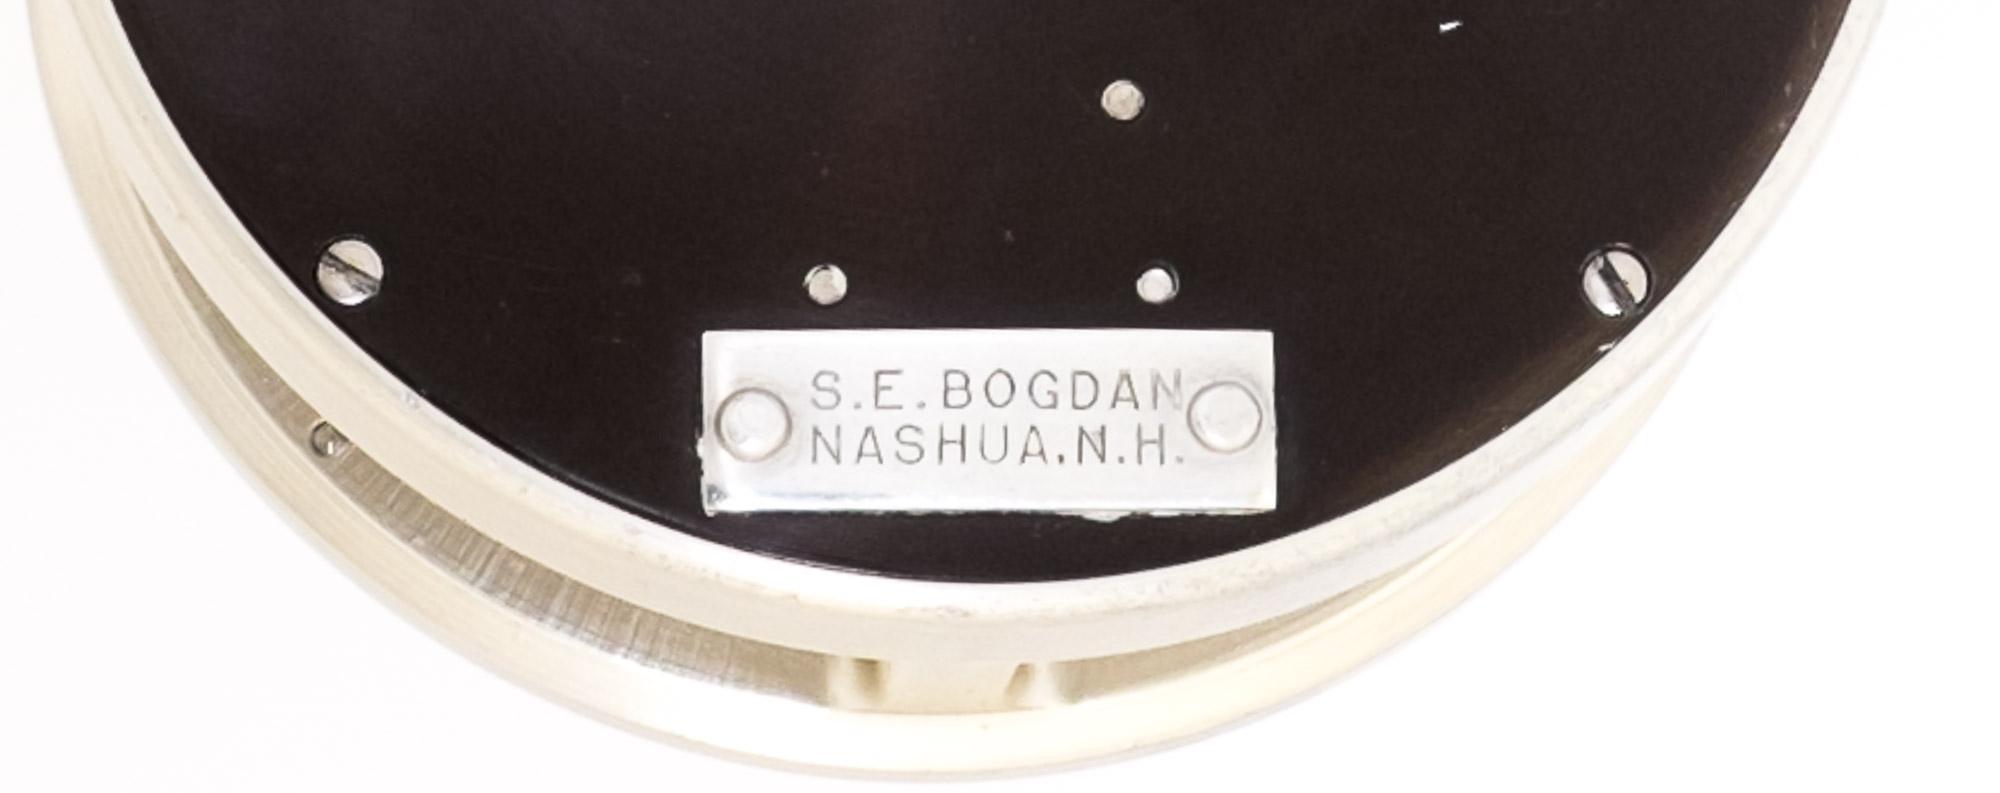 Bogdan50RHW-9